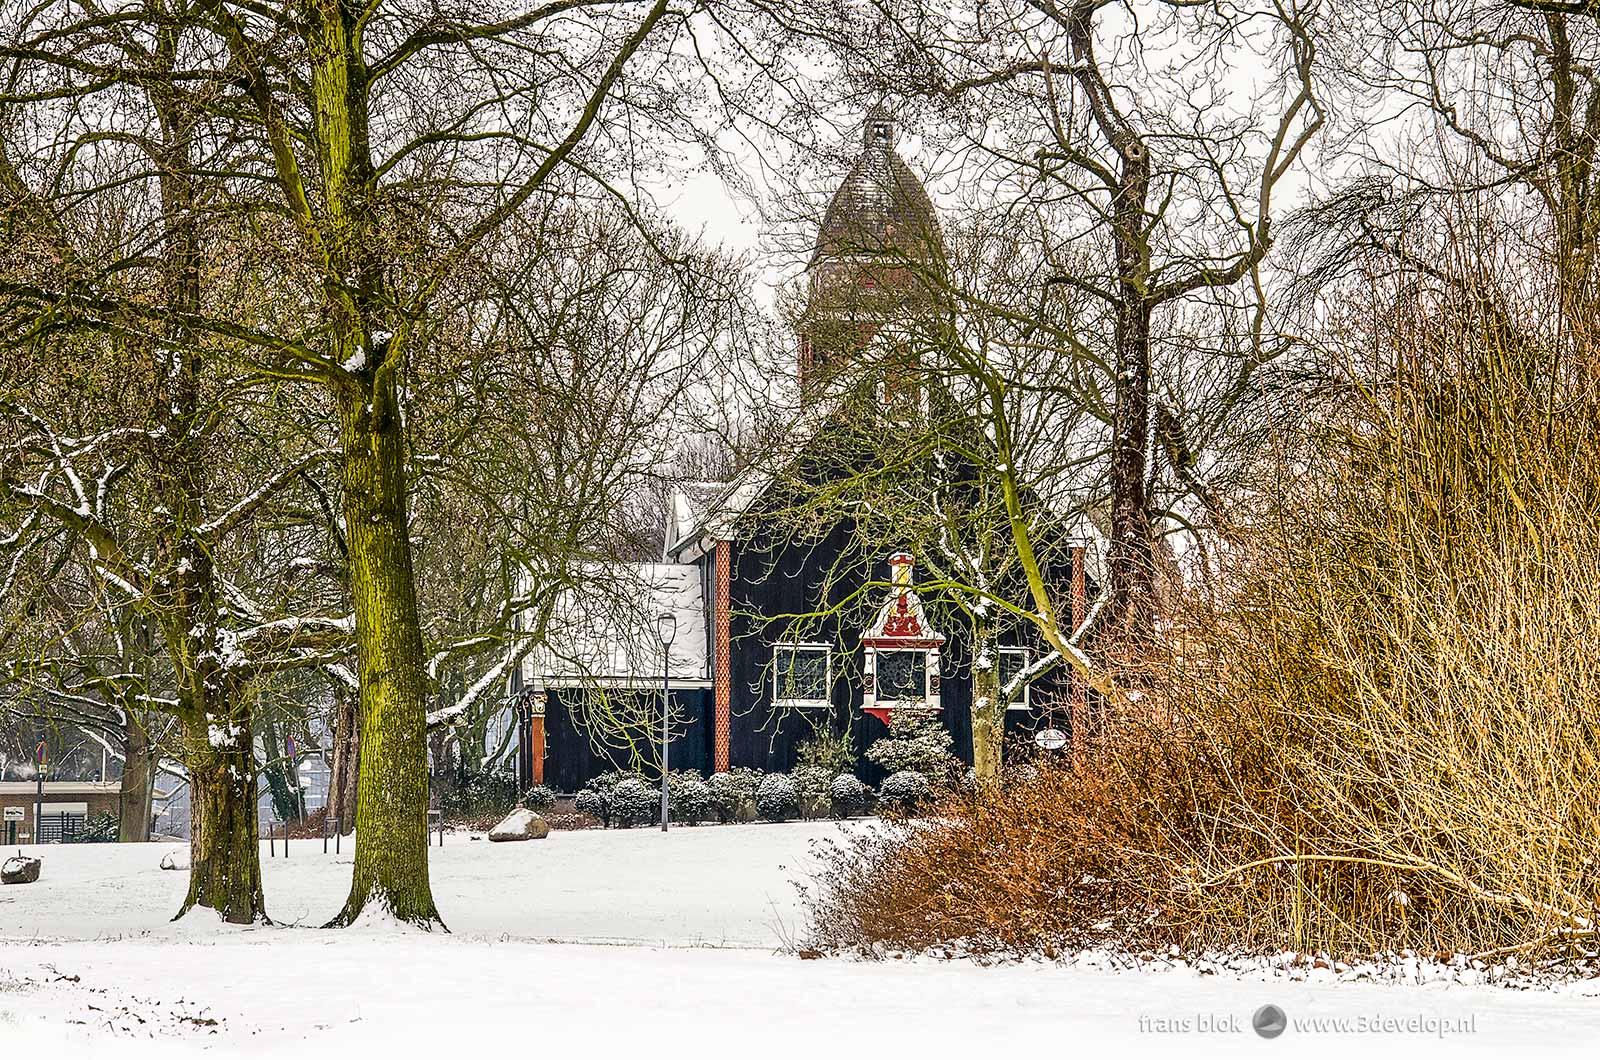 De Noorse Zeemanskerk in het Park in Rotterdam tijdens een van de zeldzame sneeuwdagen in de winter van 2017/2018